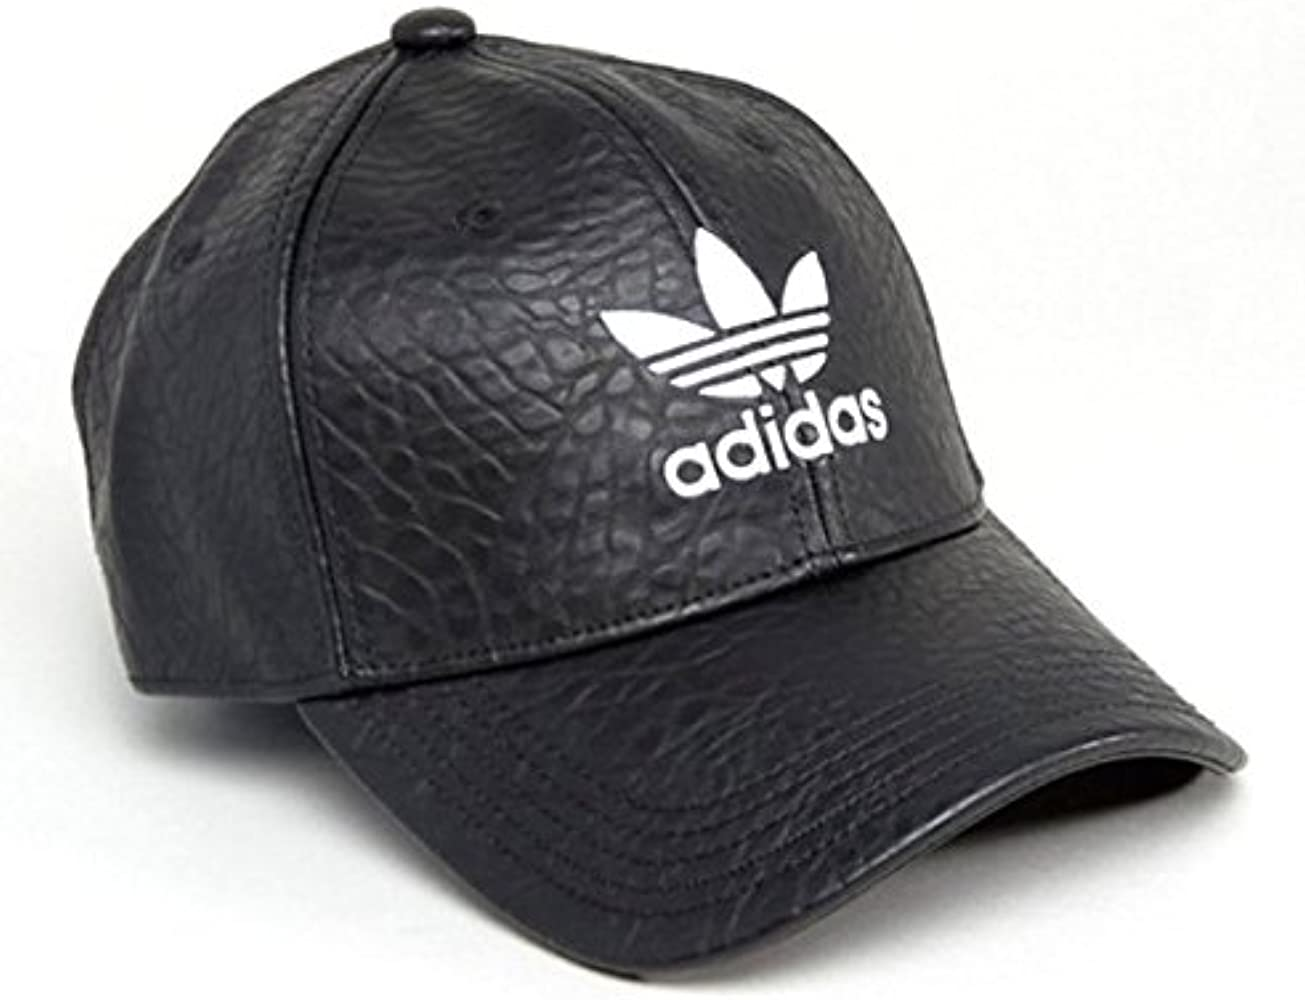 c5a3c73915109 アディダス]Adidas Originals オリジナルス Leather クラックレザー トレフォイル ロゴ キャップ 帽子 メンズ レディース